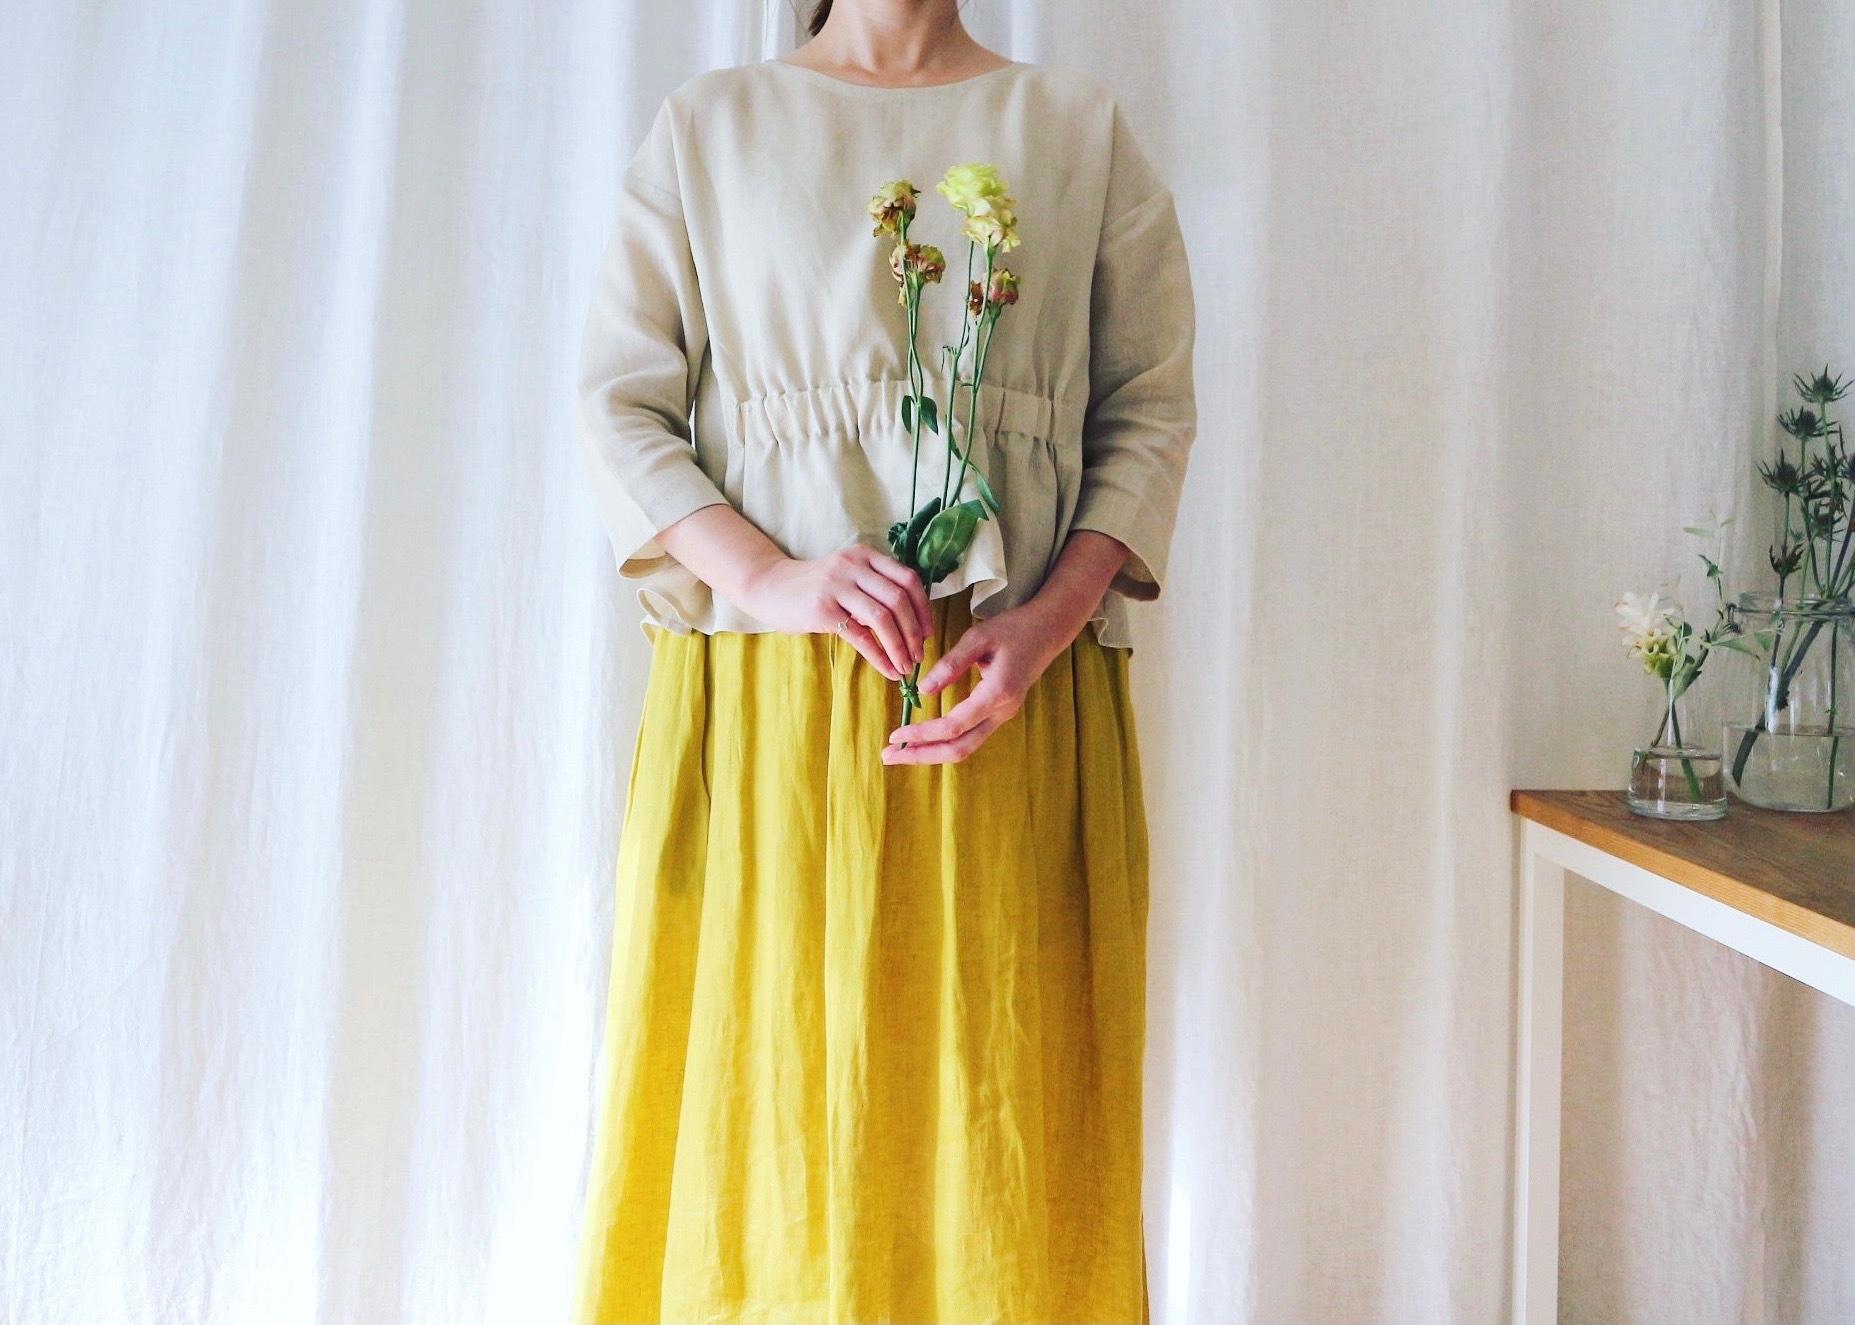 鮮やかなイエローリネンのダブルギャザースカート(ピスタチオイエロー)リネン100%